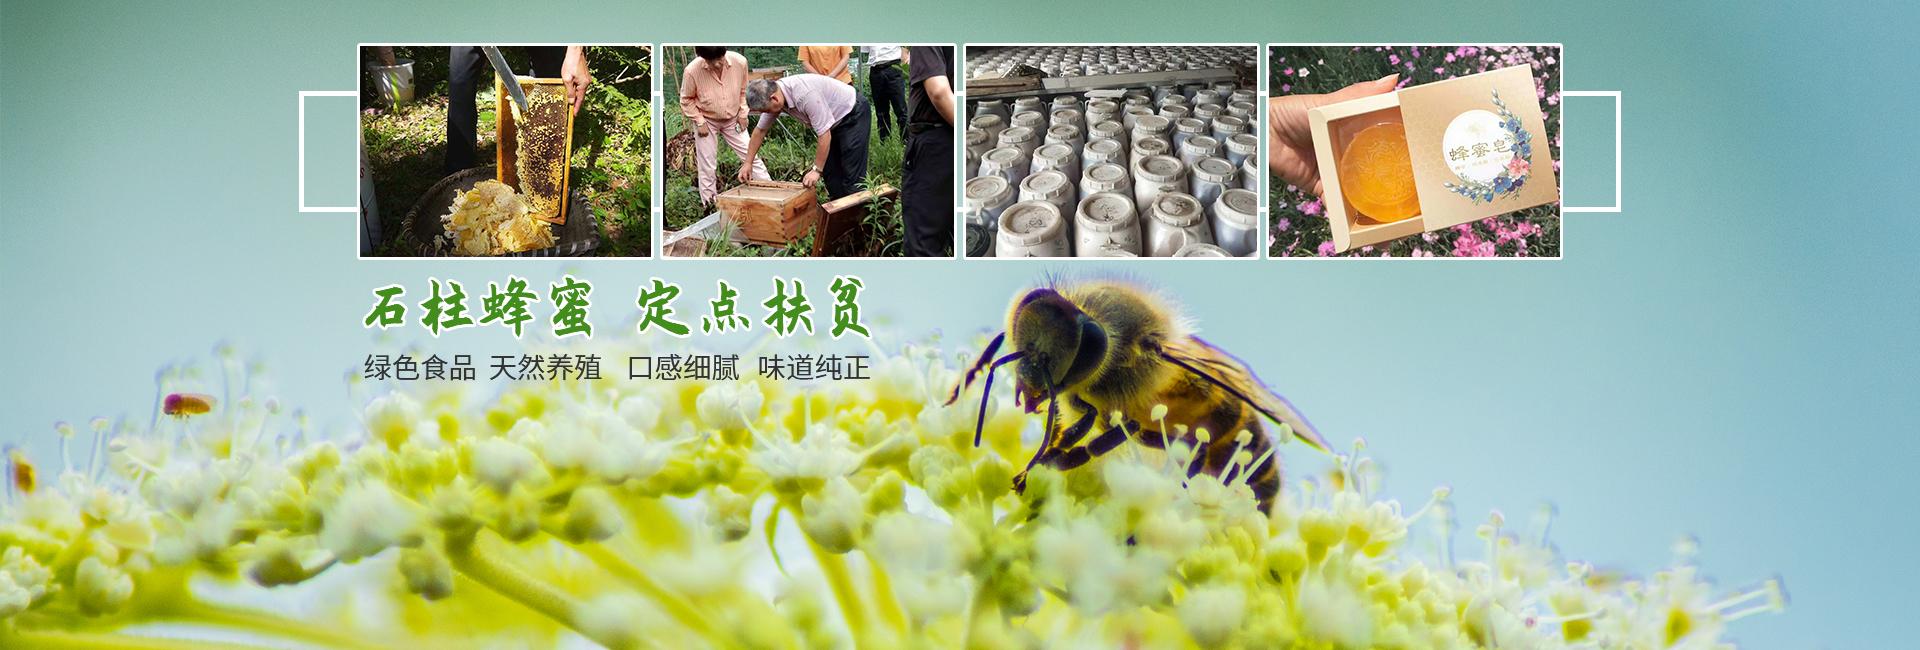 重庆石柱土蜂蜜